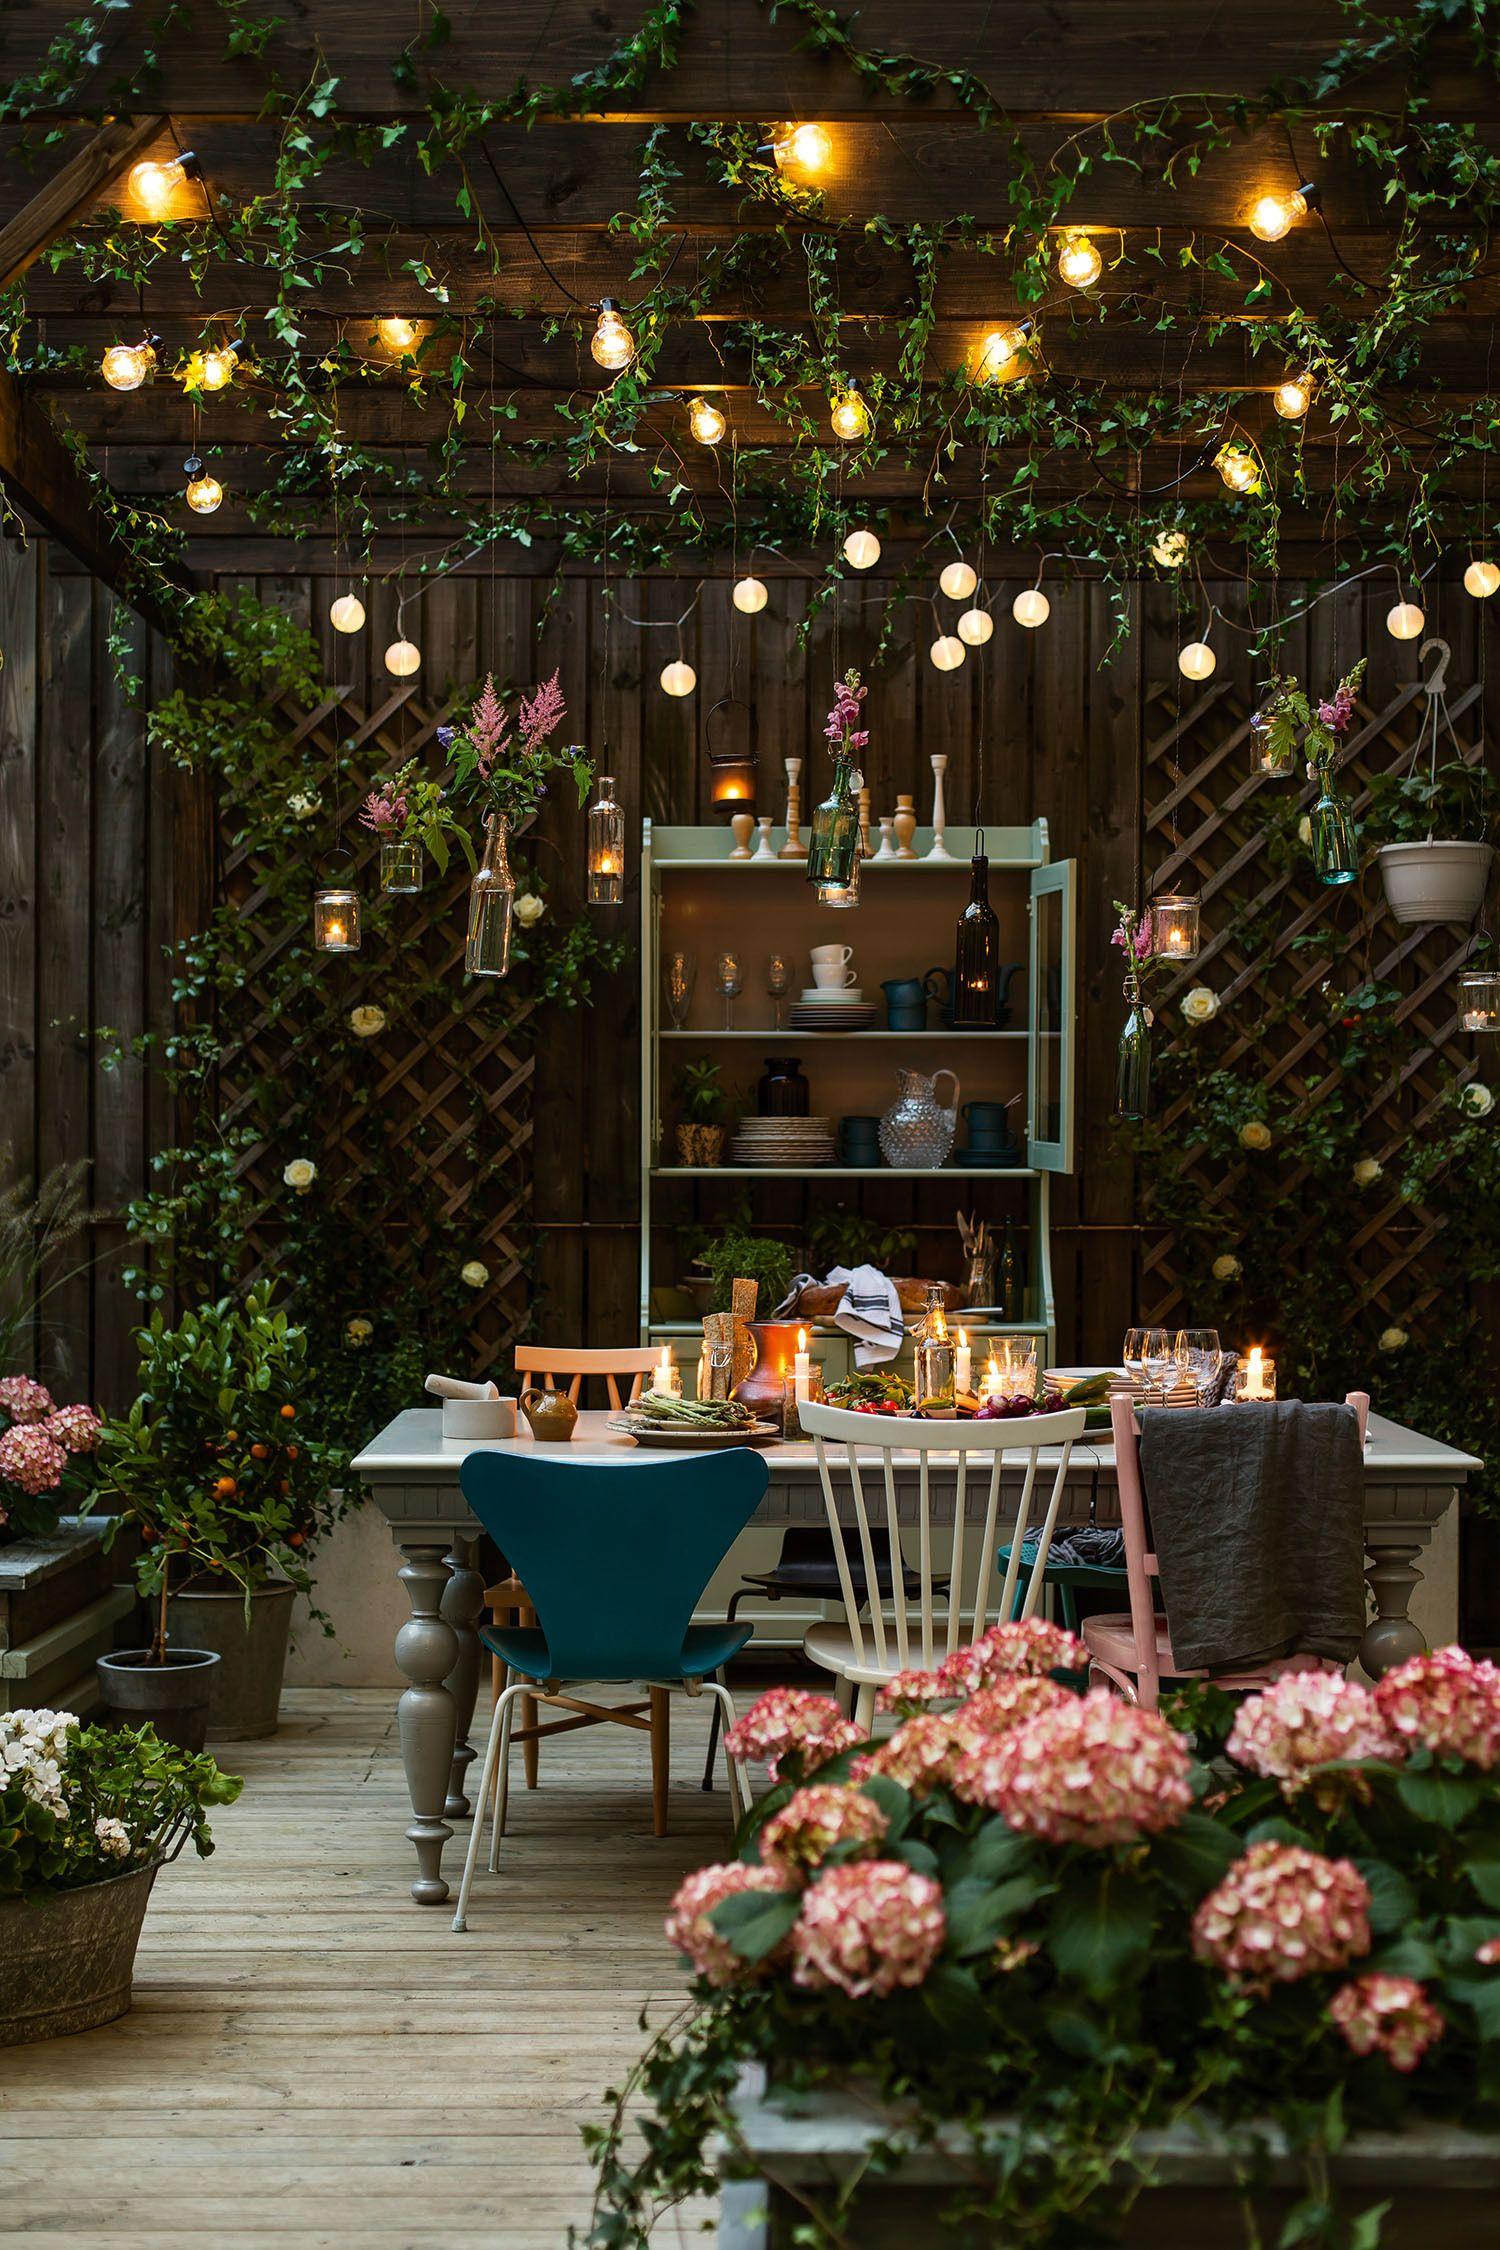 Outdoor / Terrasse / Jardin D'été / Jardin D'hiver | Ev ... tout Deco Design Jardin Terrasse